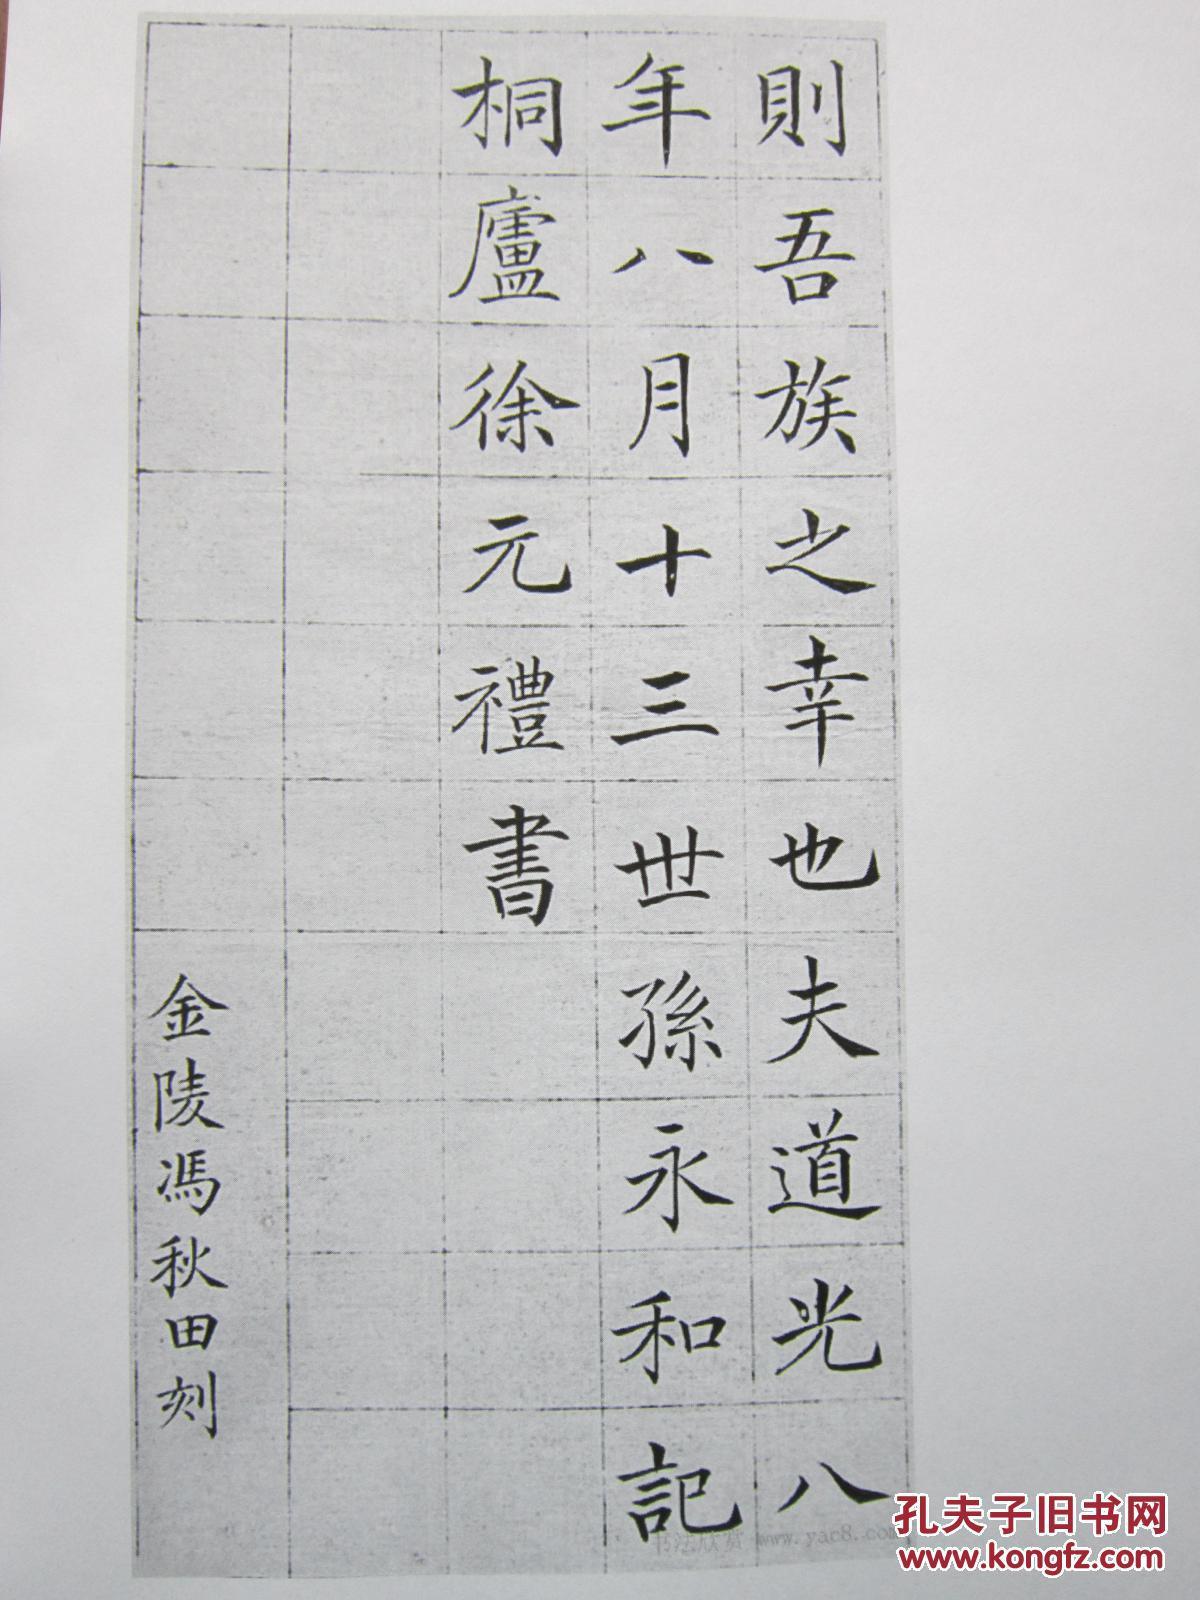 书法:徐元礼 楷书 《吴氏重修祠堂记》  阳文高度清晰  书法爱好者福音